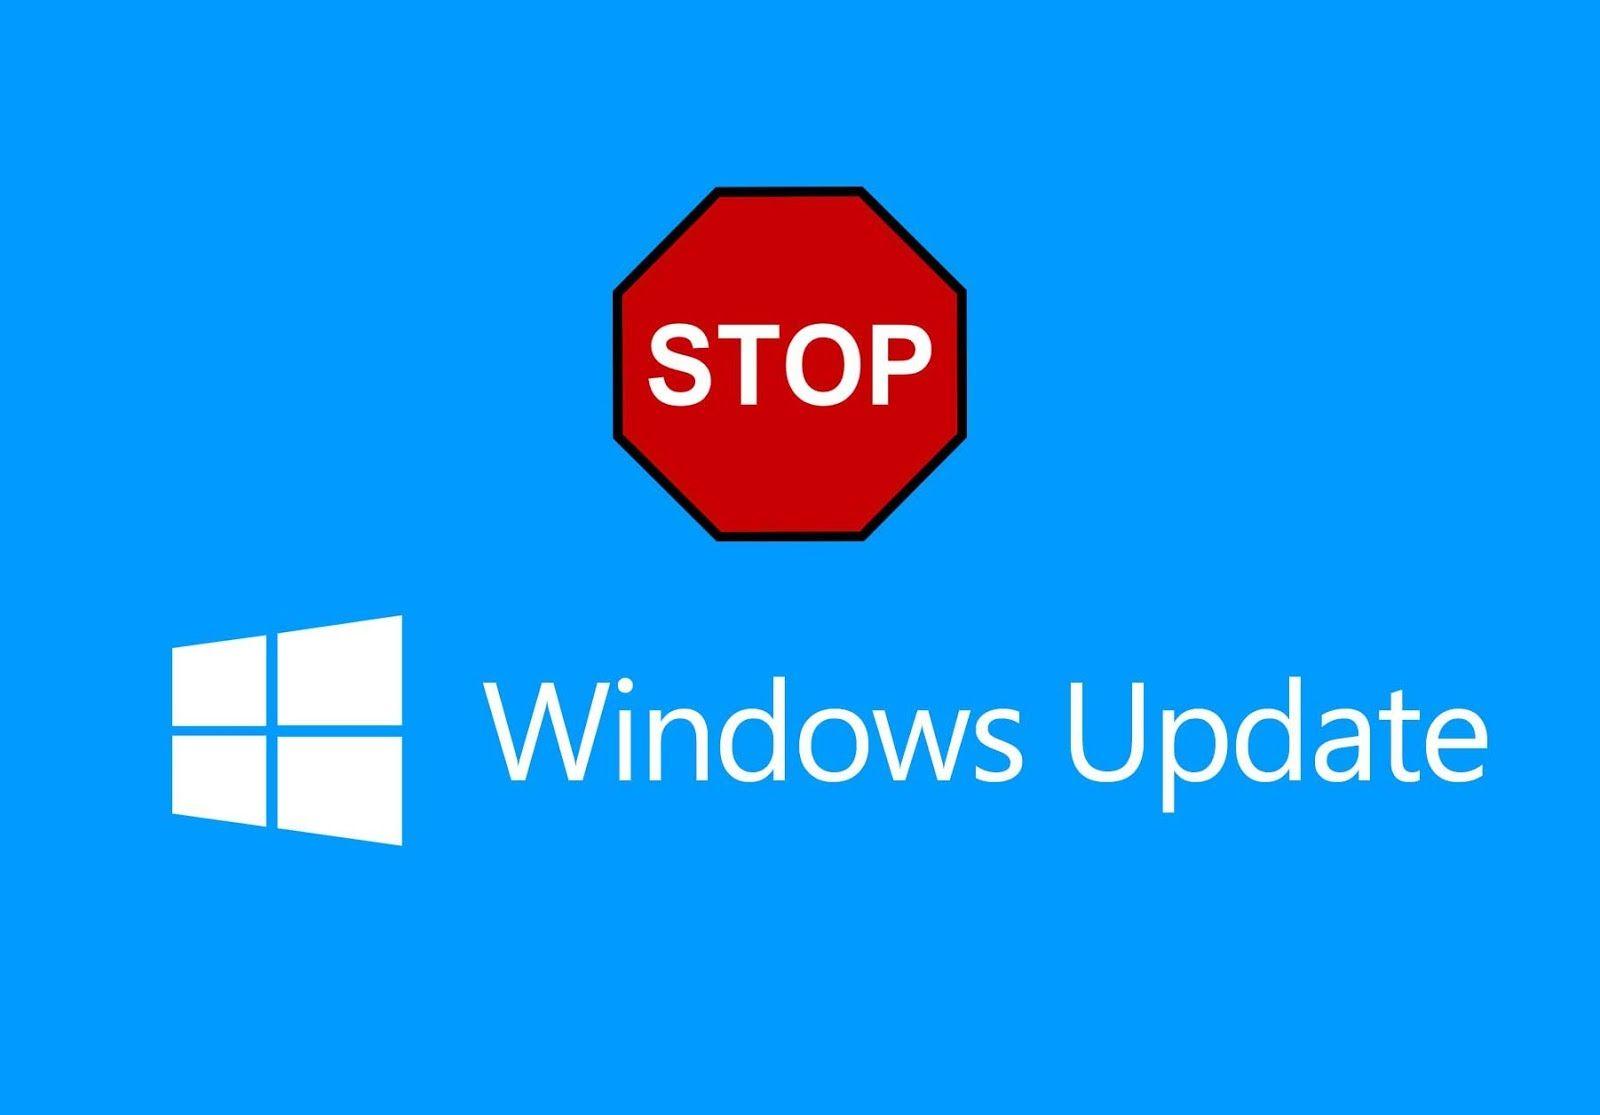 ايقاف تحديثات ويندوز 10 عبر برنامج Stopupdates10 بضغطة زر واحدة